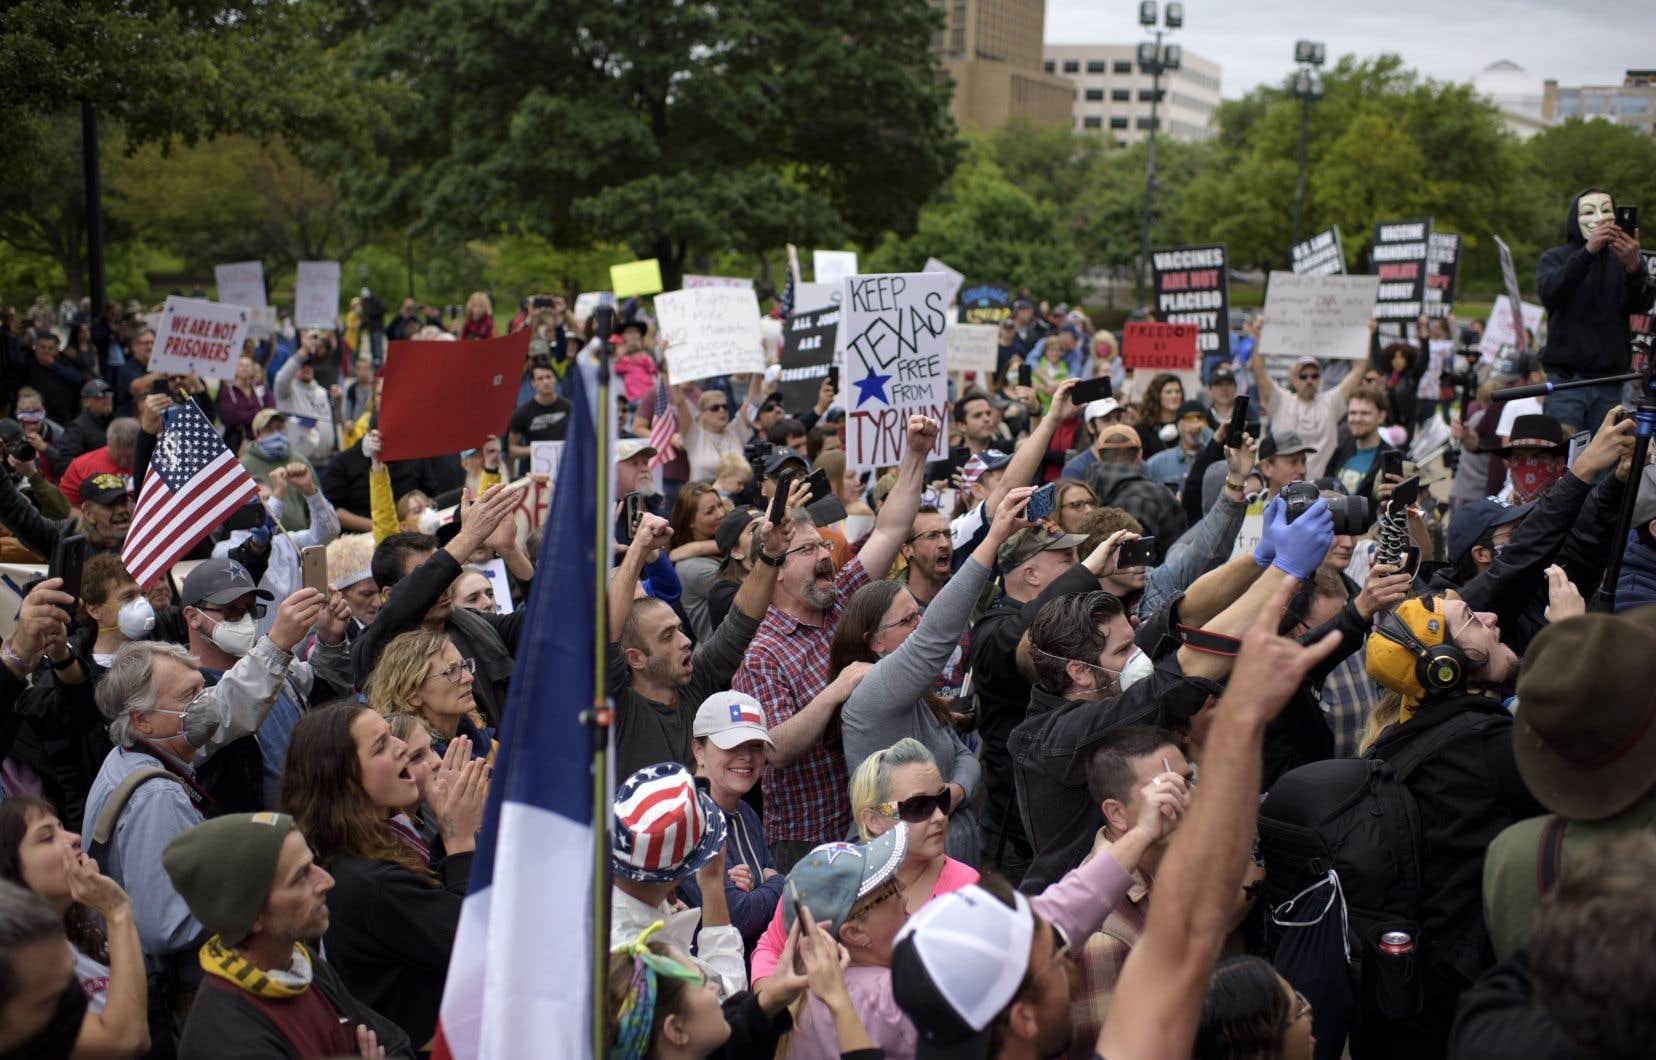 Des manifestants ont demandé la réouverture de l'État du Texas devant le parlement à Austin, samedi.